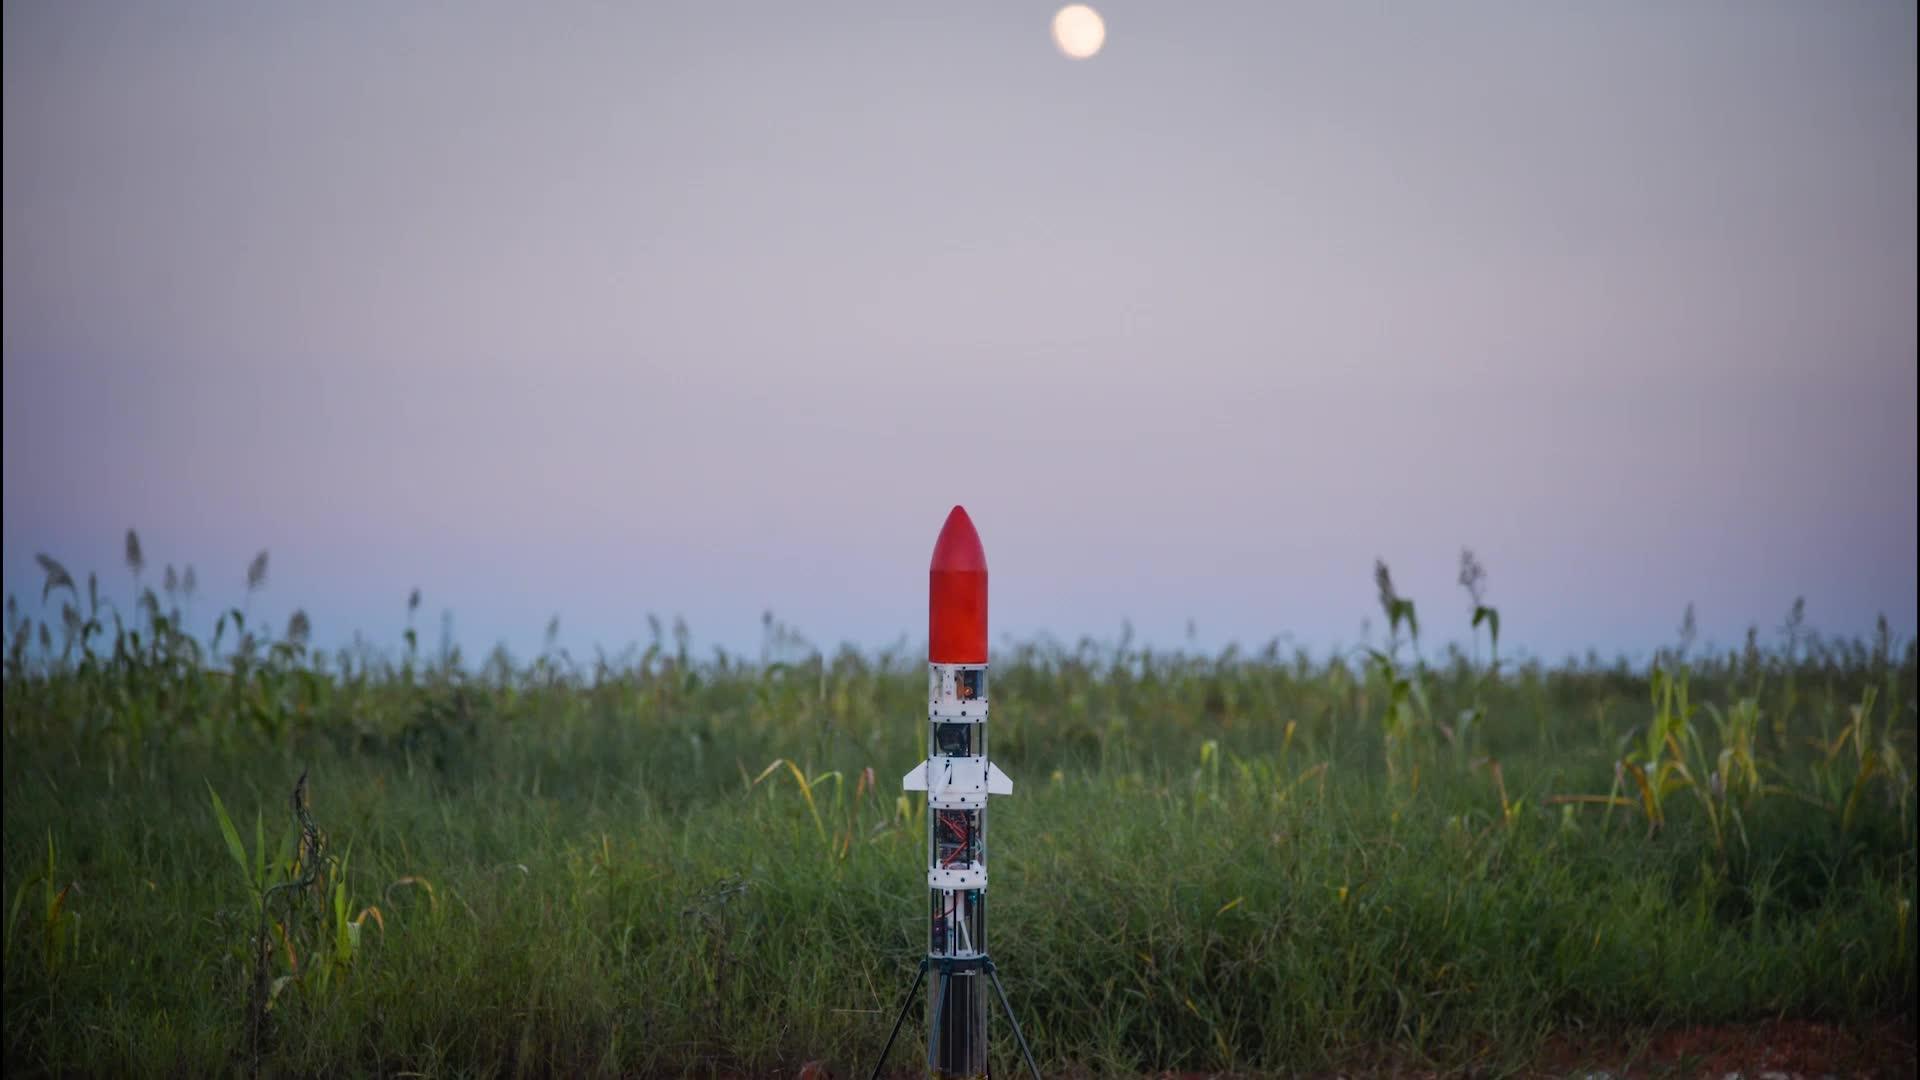 参考视频|南航学生自制火箭发射成功并回收